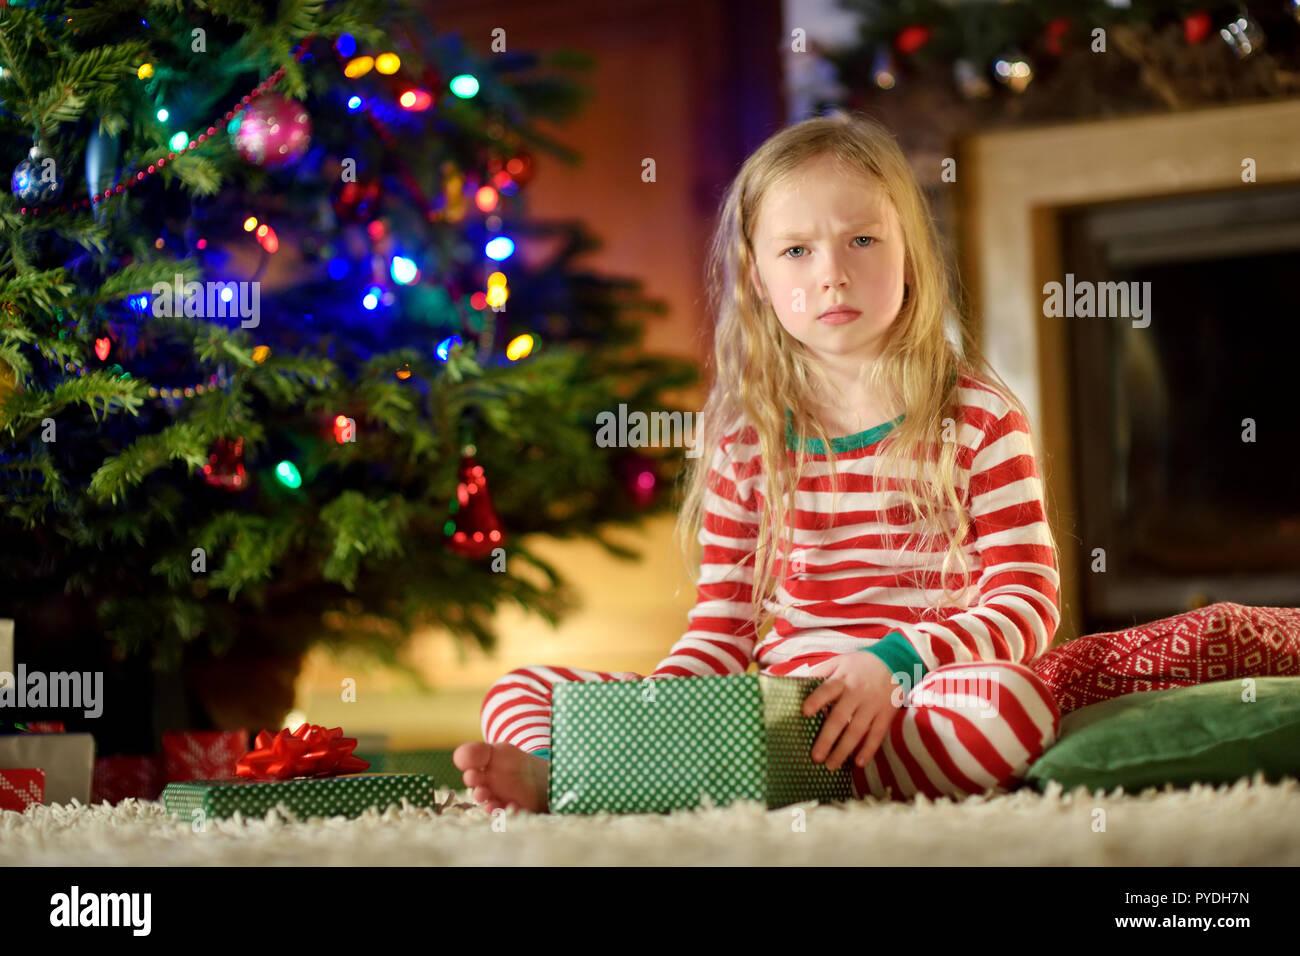 Süße kleine Mädchen Gefühl unglücklich mit Ihrer Weihnachtsgeschenke ...